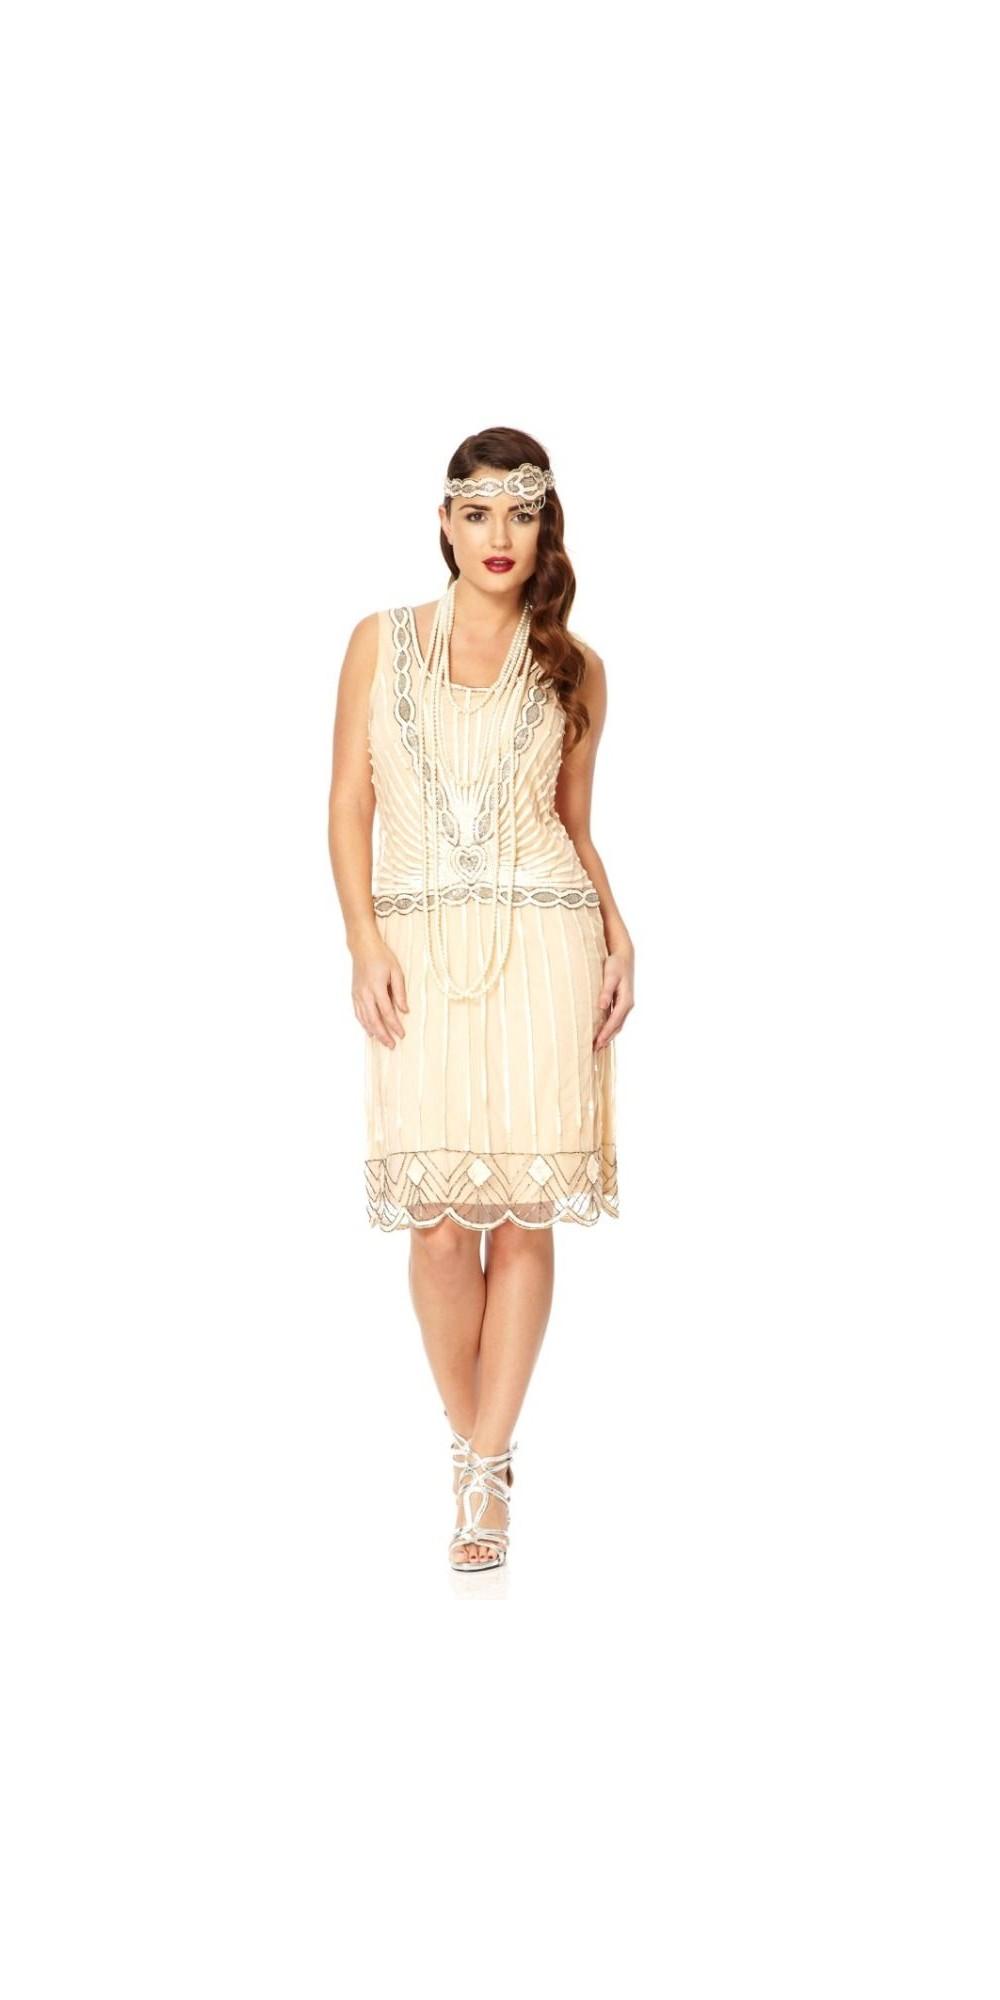 Fein Great Gatsby Themed Partykleid Galerie - Brautkleider Ideen ...